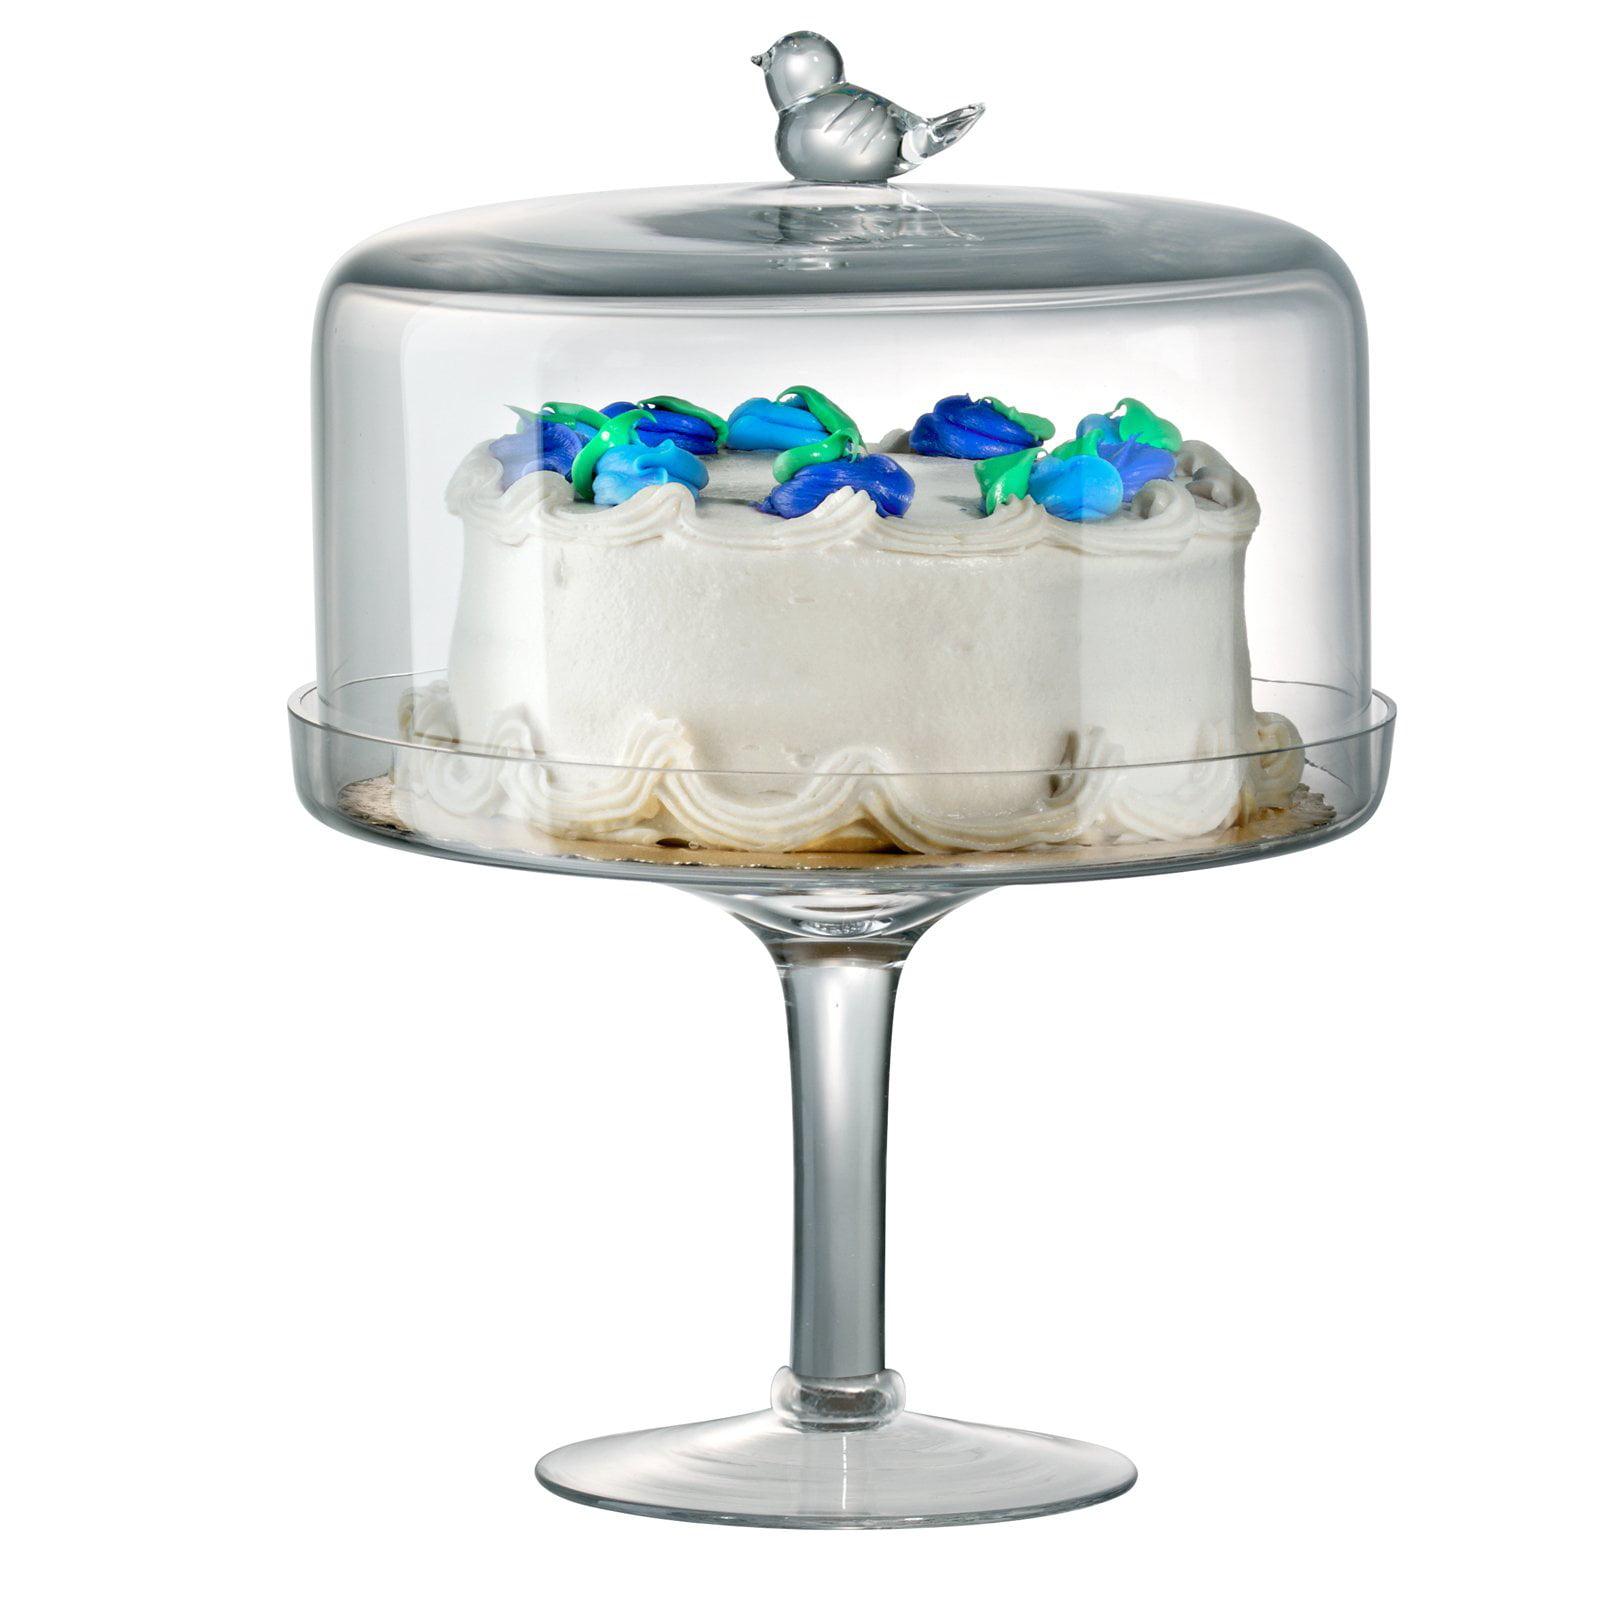 Artland Songbird Finial Tall Cake Stand